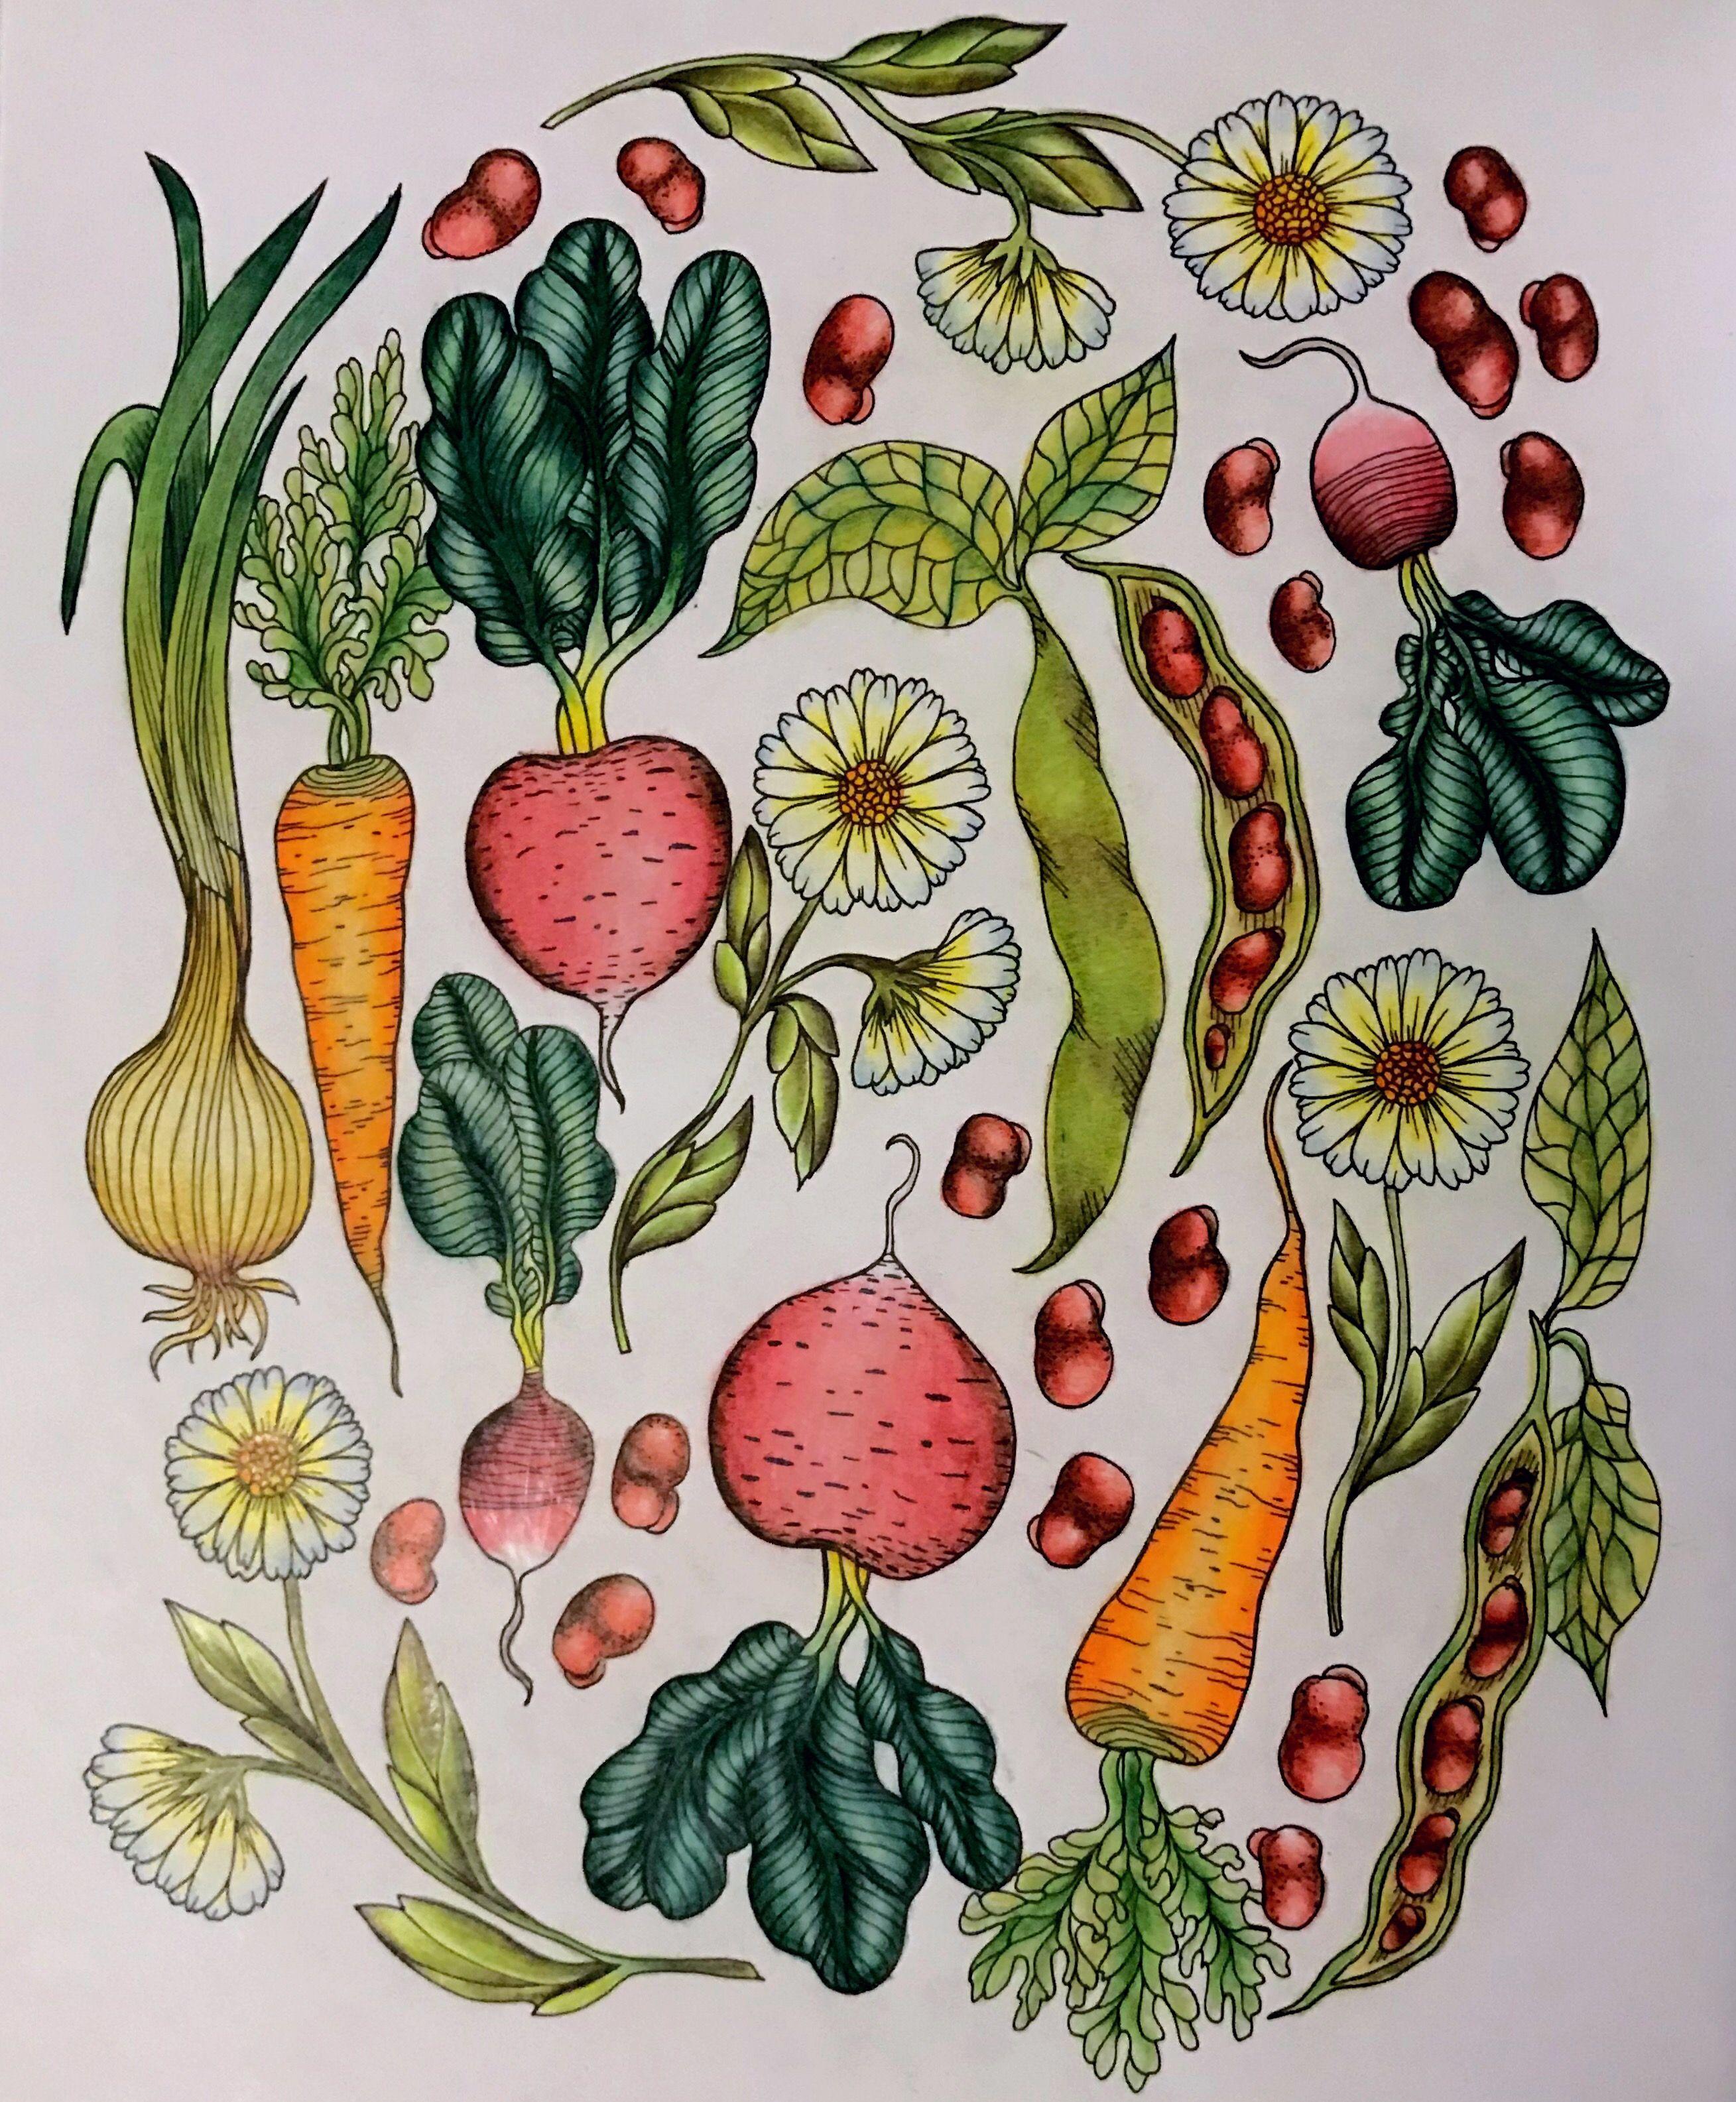 Сумеречный сад Мария Тролле | Тролль, Раскраски, Рисунок